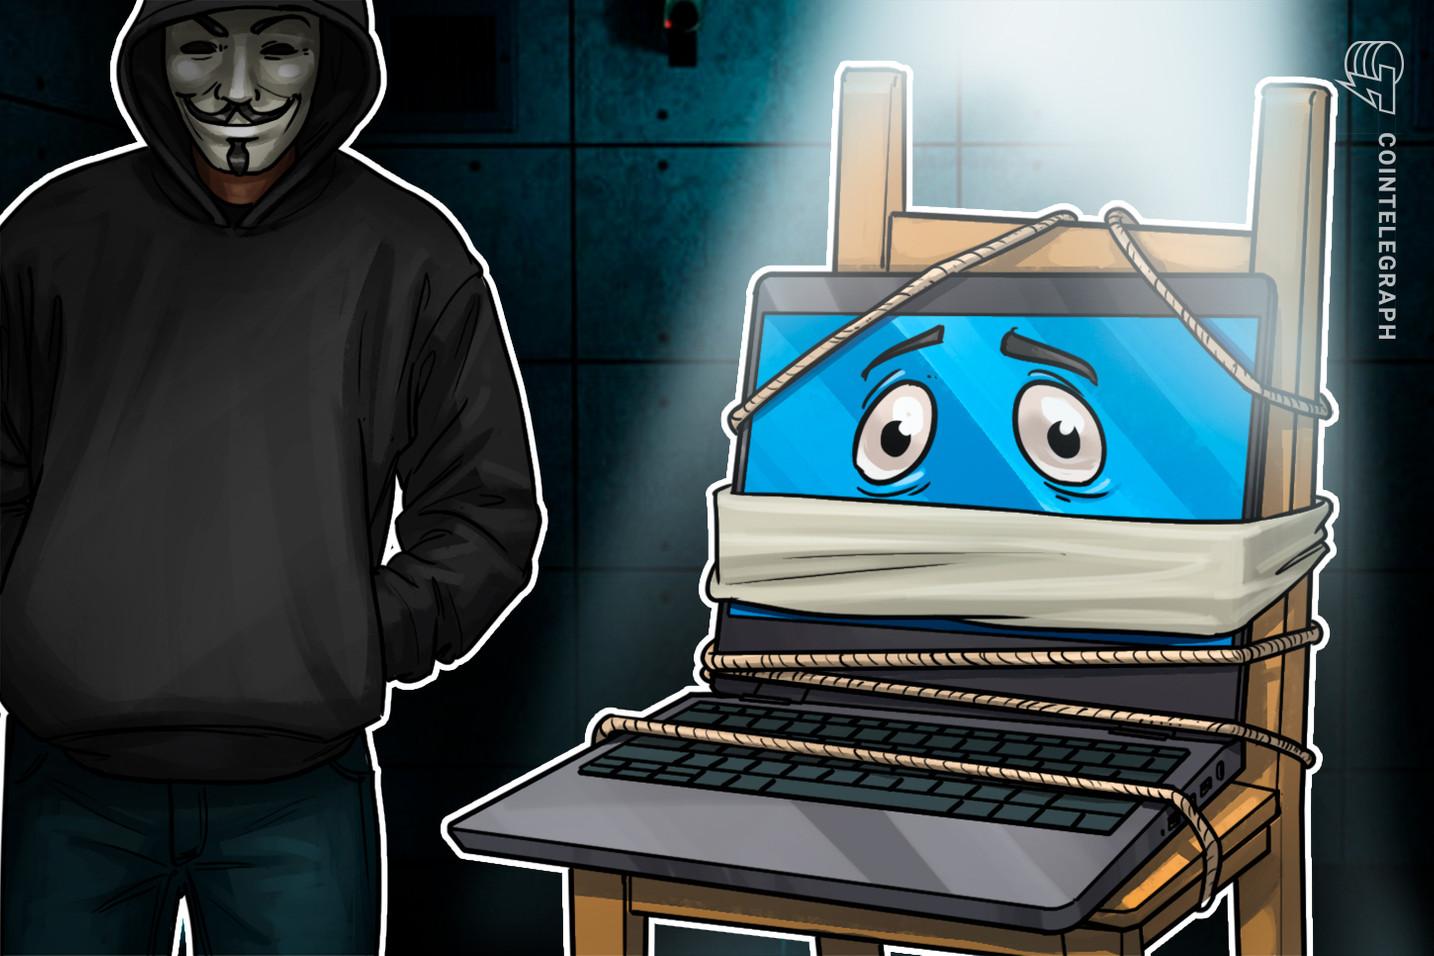 Hackers violan el sitio web civil de Johannesburgo exigiendo un rescate en BTC